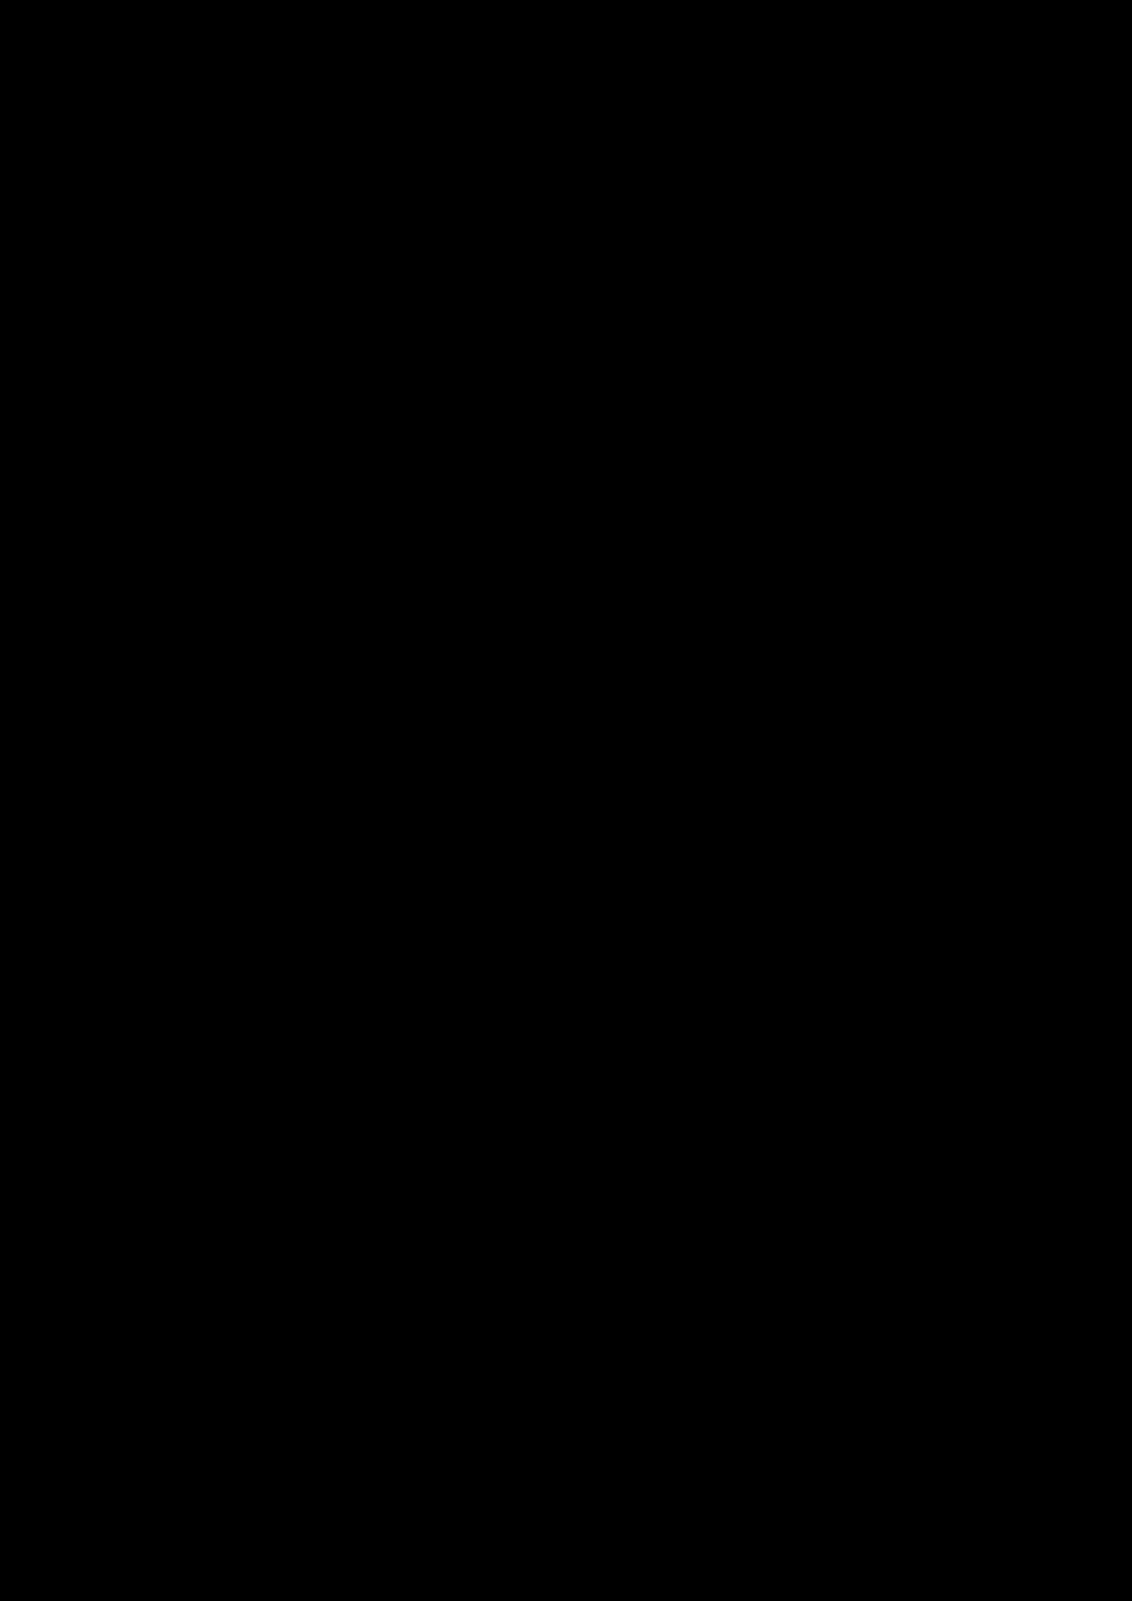 Vyibor Est slide, Image 21